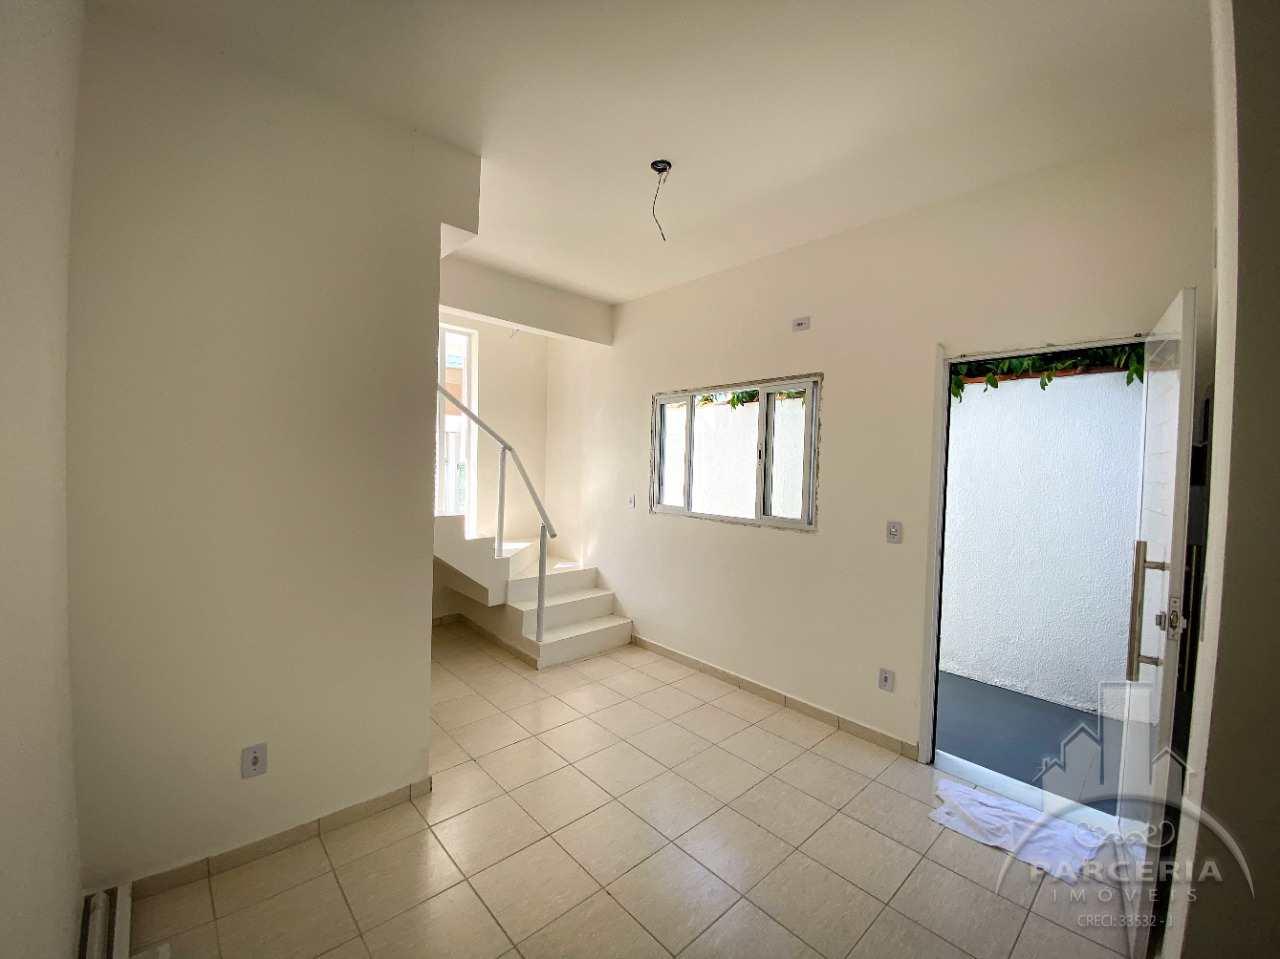 Sobrado com 2 dorms, Parque Continental, São Vicente - R$ 210 mil, Cod: 1142